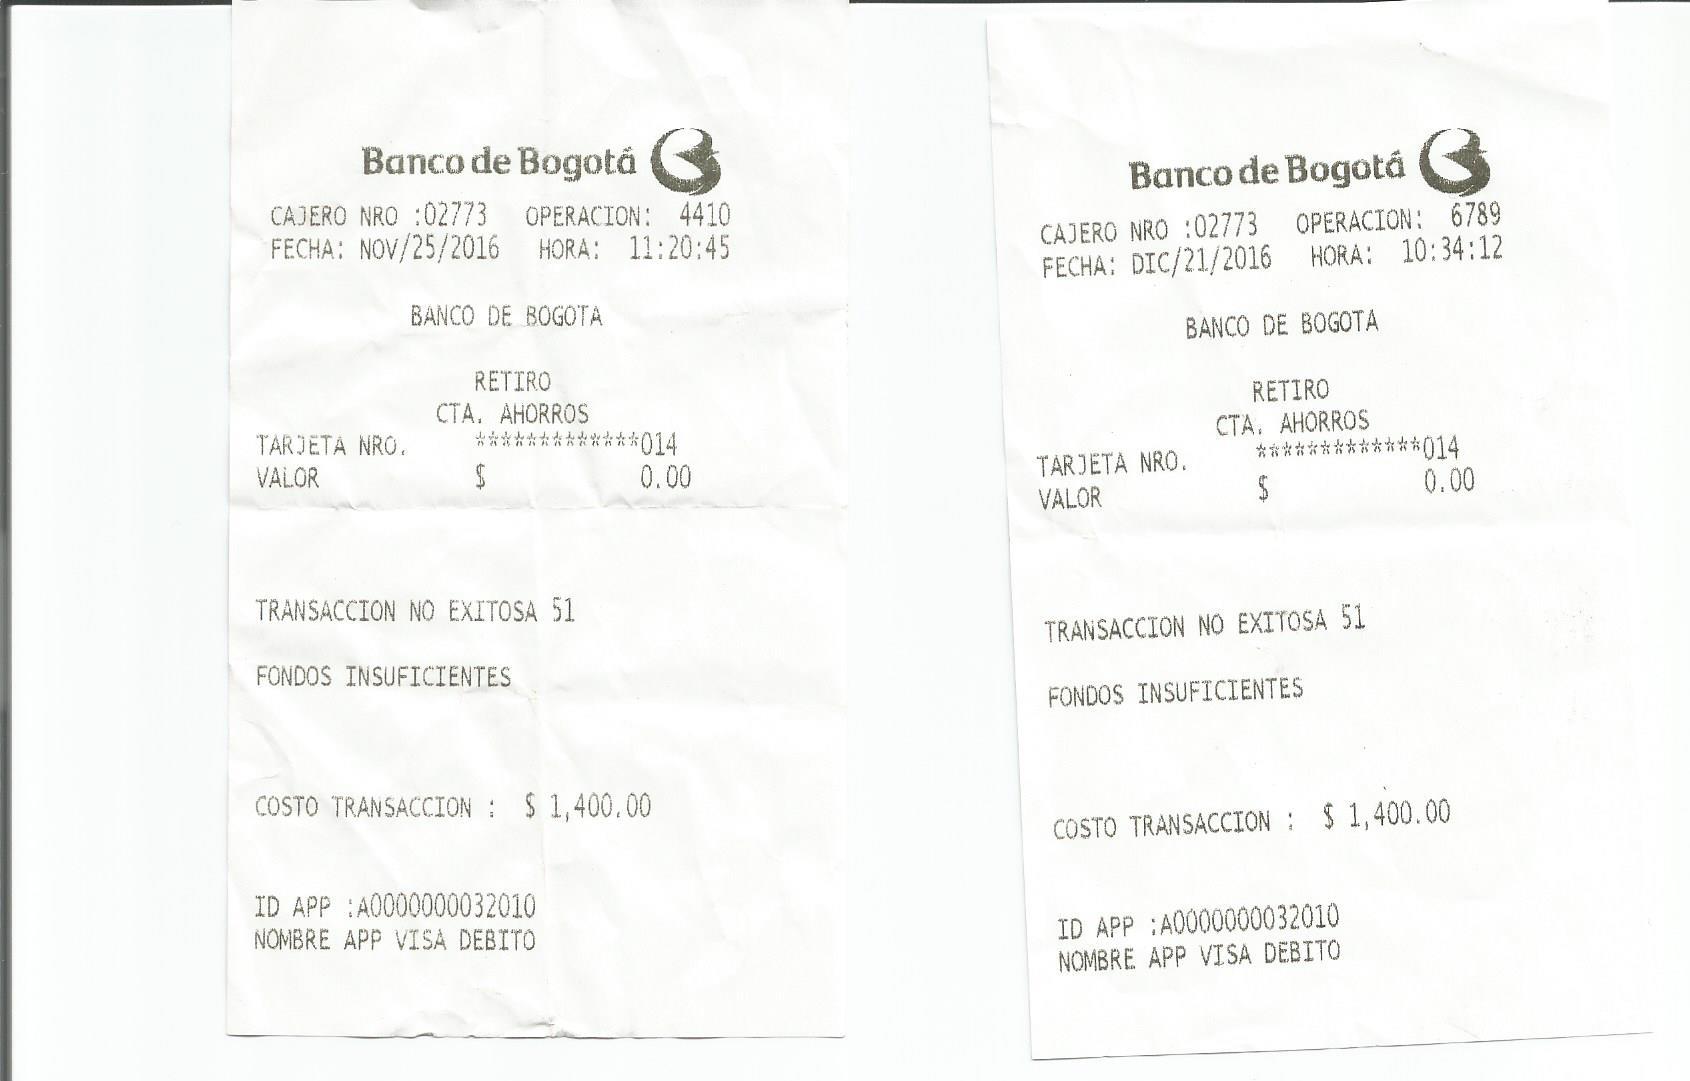 Banco de bogot cobra 1500 por cada transacci n no for Banco de bogota